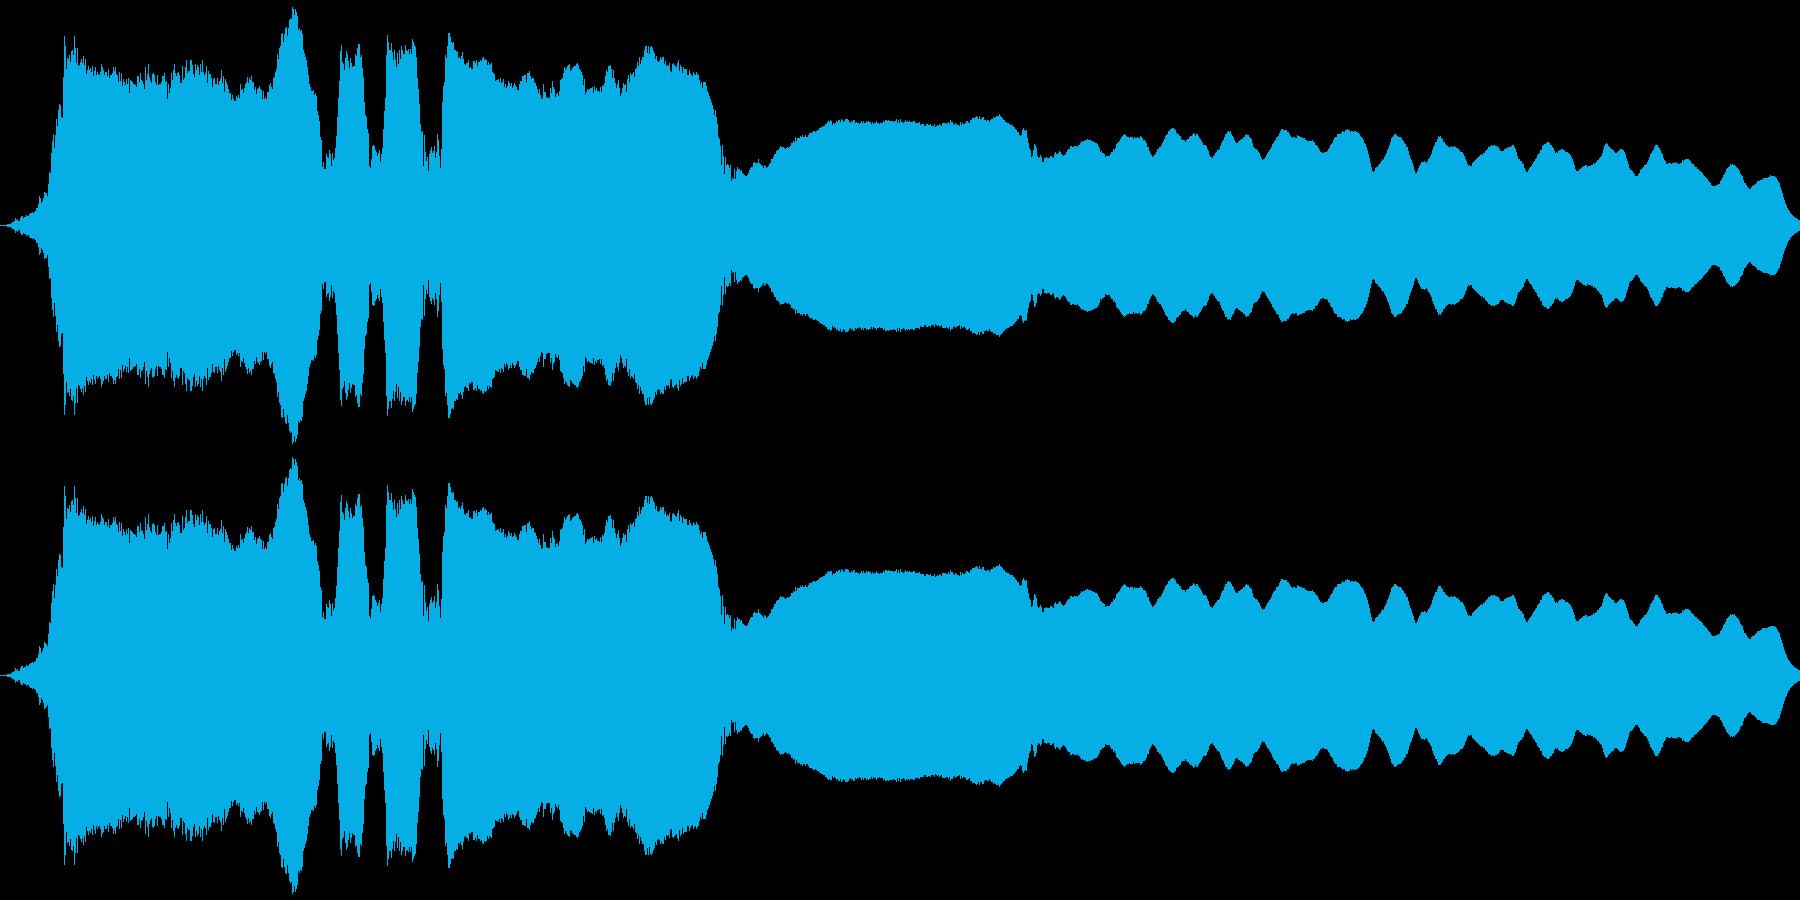 こぶし03(G#)の再生済みの波形